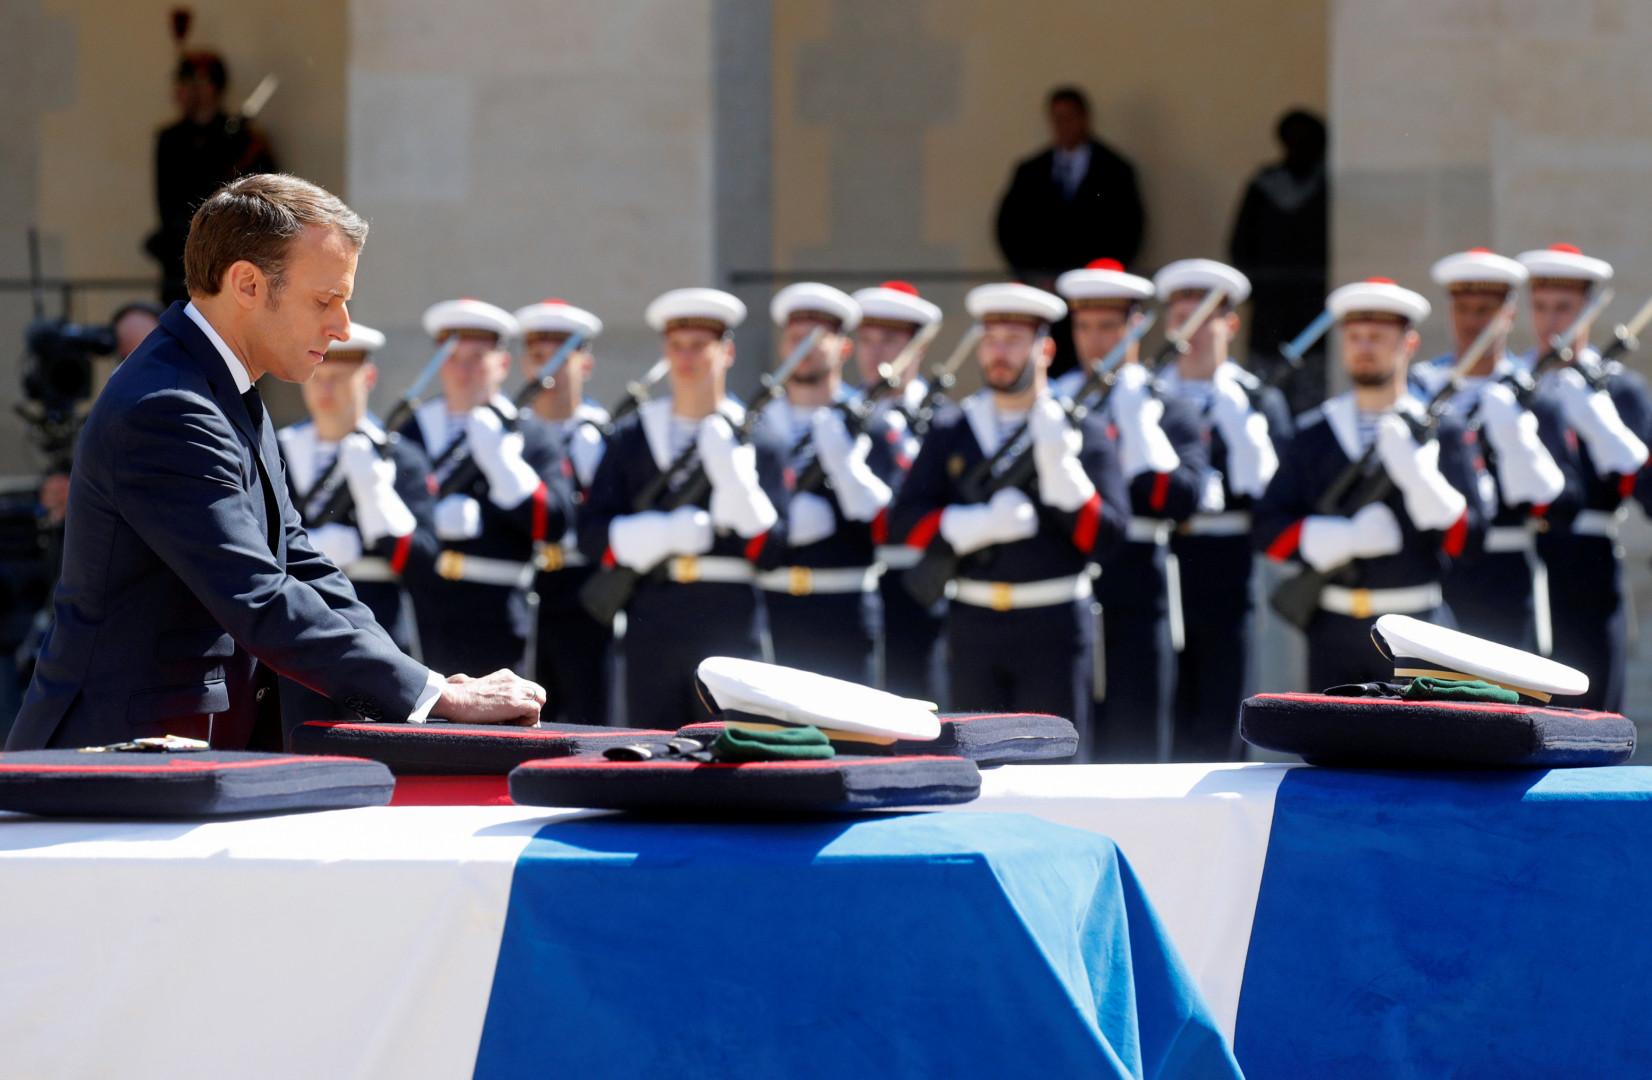 Le 14 mai 2019, Emmanuel Macron rend hommage aux deux soldats français tués au Burkina Faso